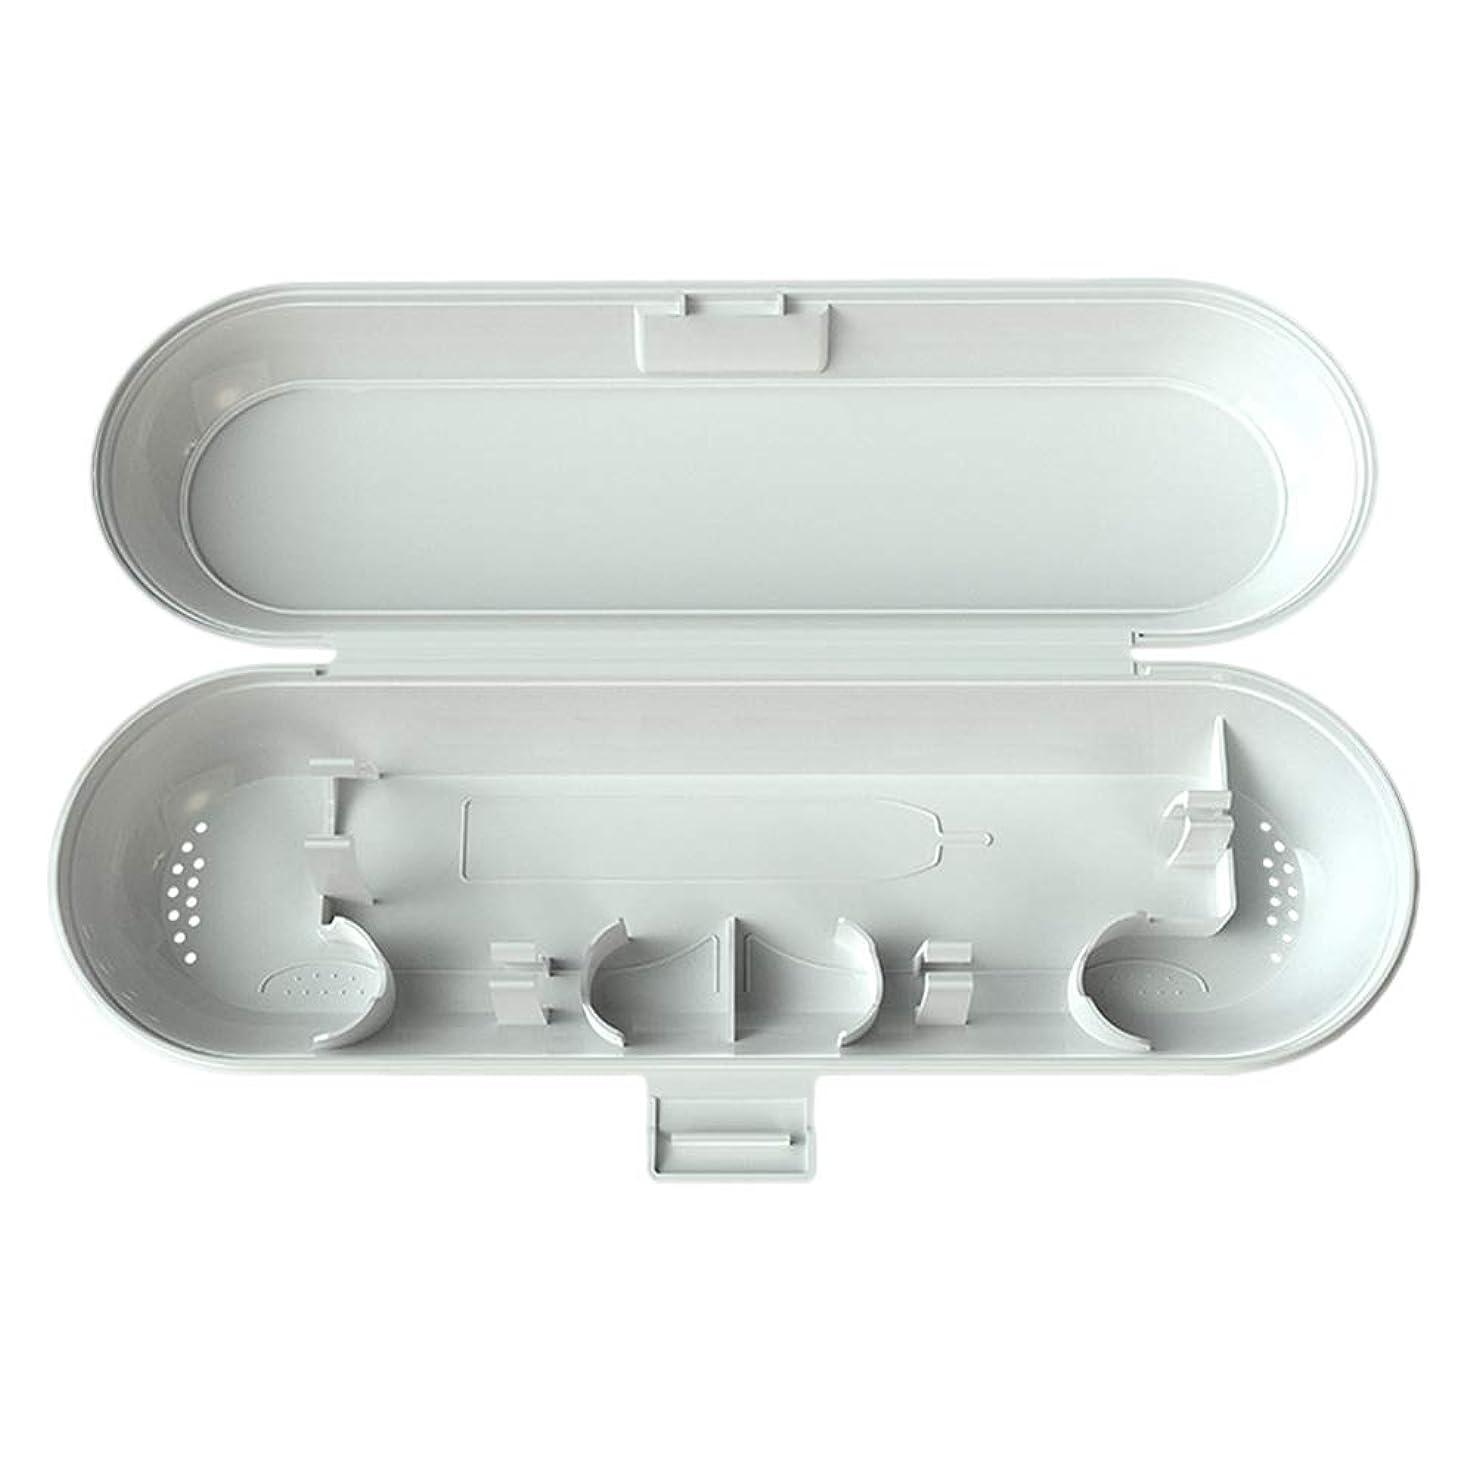 フィッティング資産敬なTOPBATHYポータブルプラスチック製電動歯ブラシケースキャンプ用トラベルブラシトラベルボックス(ホワイト)